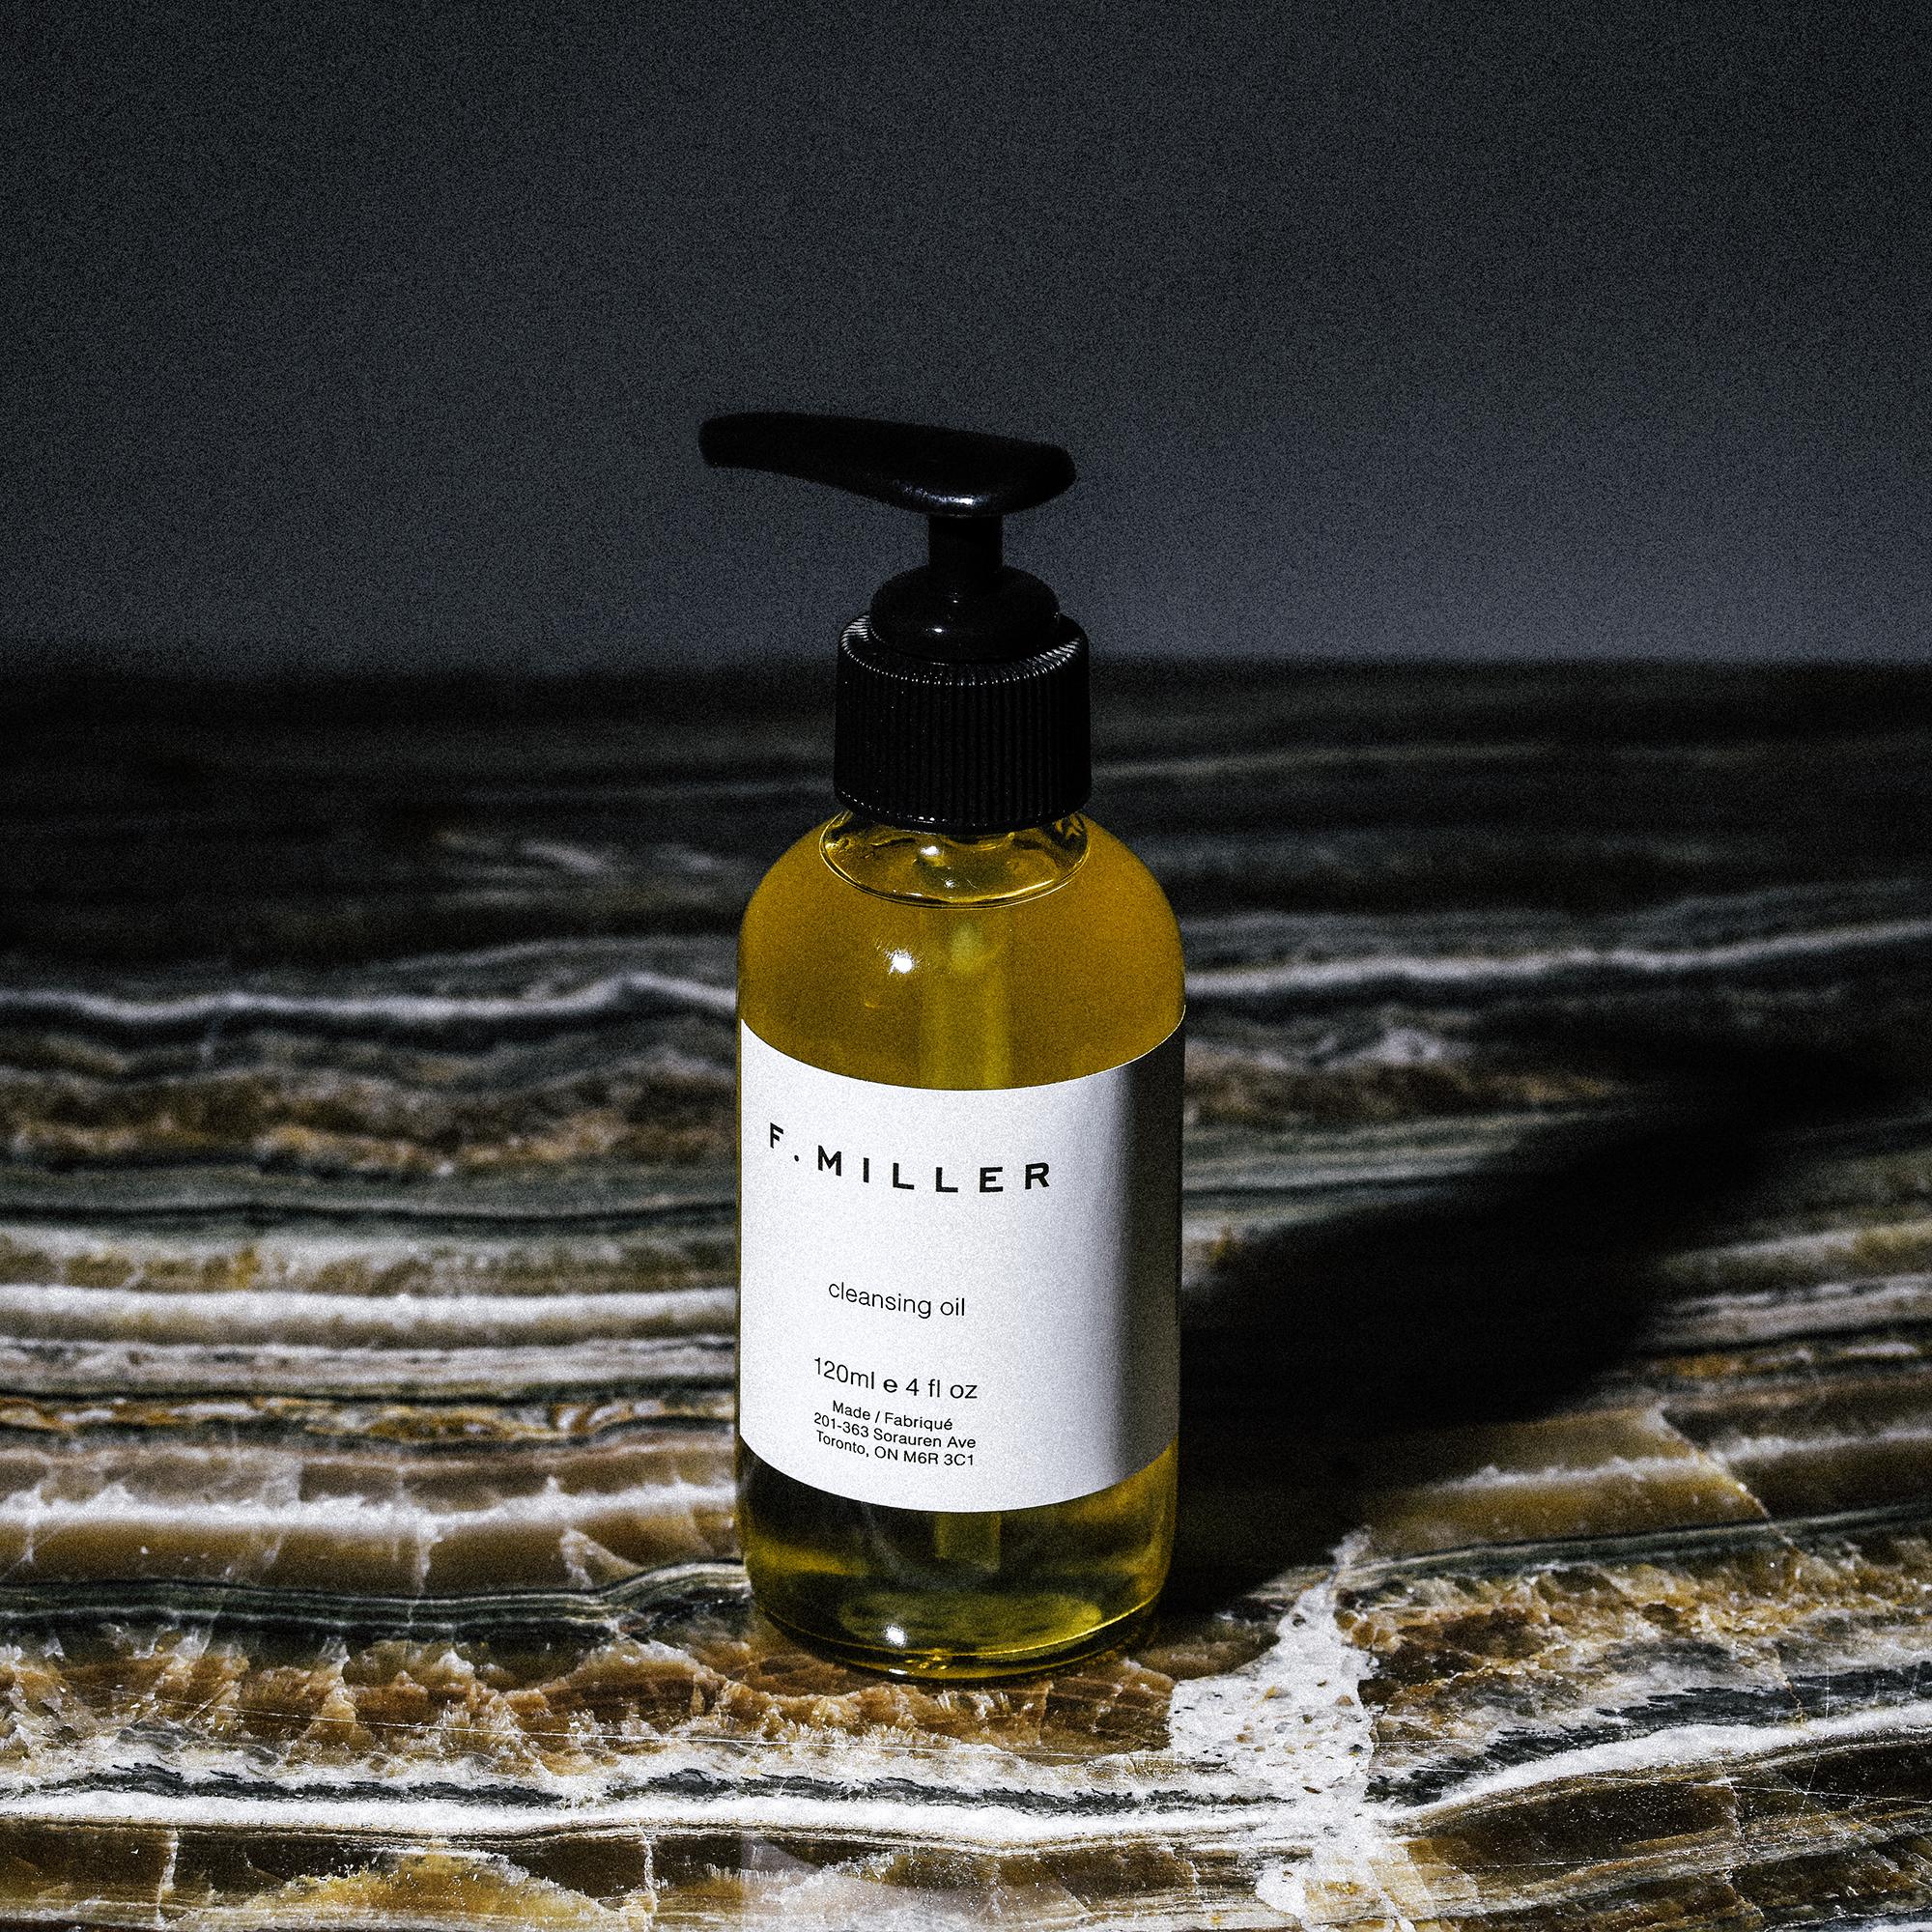 fmiller-product-1.jpg